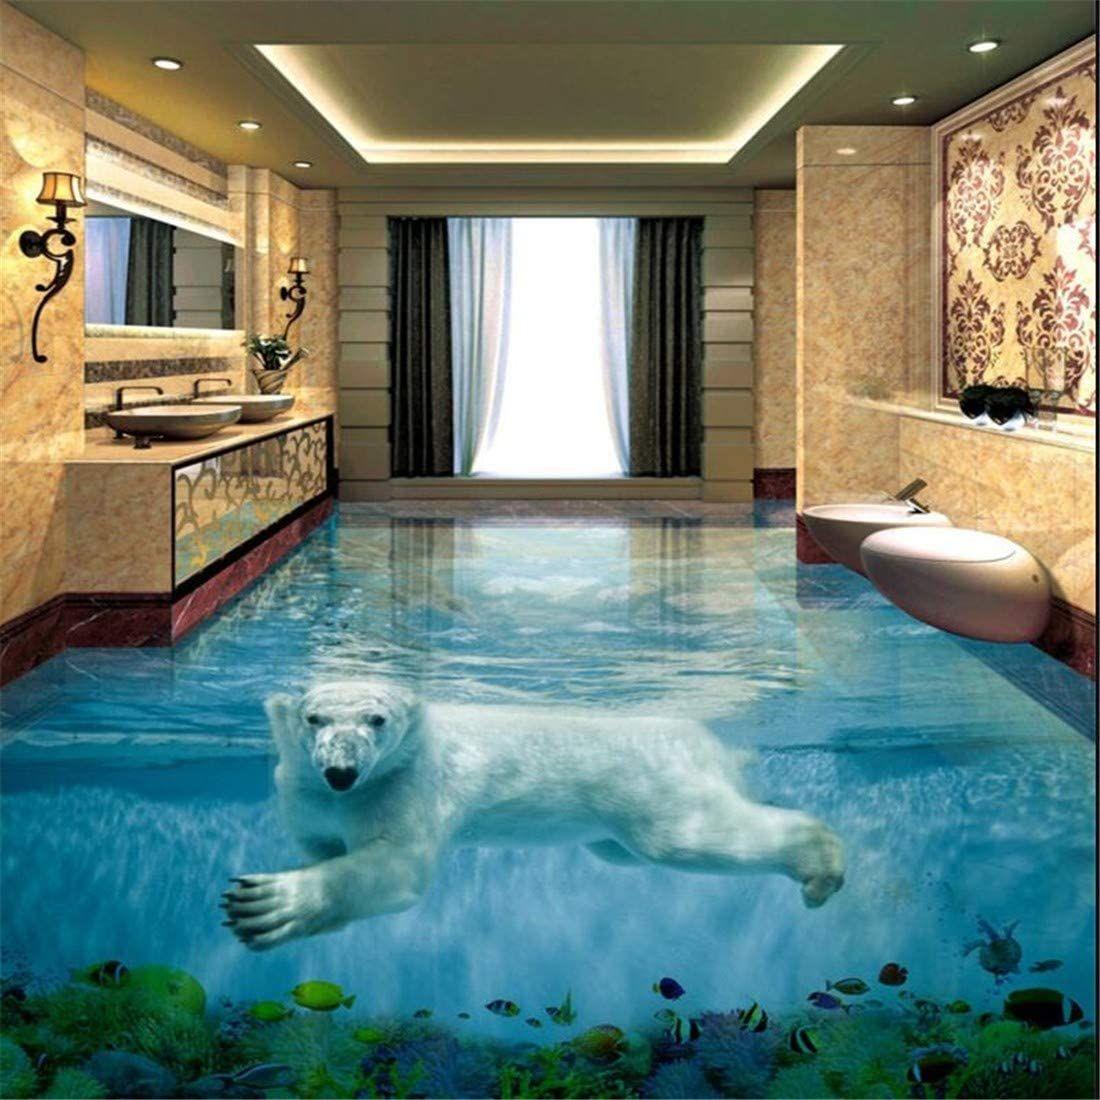 Eisbar Unterwasserwelt 3d Stereo Badezimmer Boden Grosse Benutzerdefinierte Wasserdichte Tapete 250 175cm In 2020 Badezimmer 3d Boden Wohnzimmer Bodenbelag Tapeten